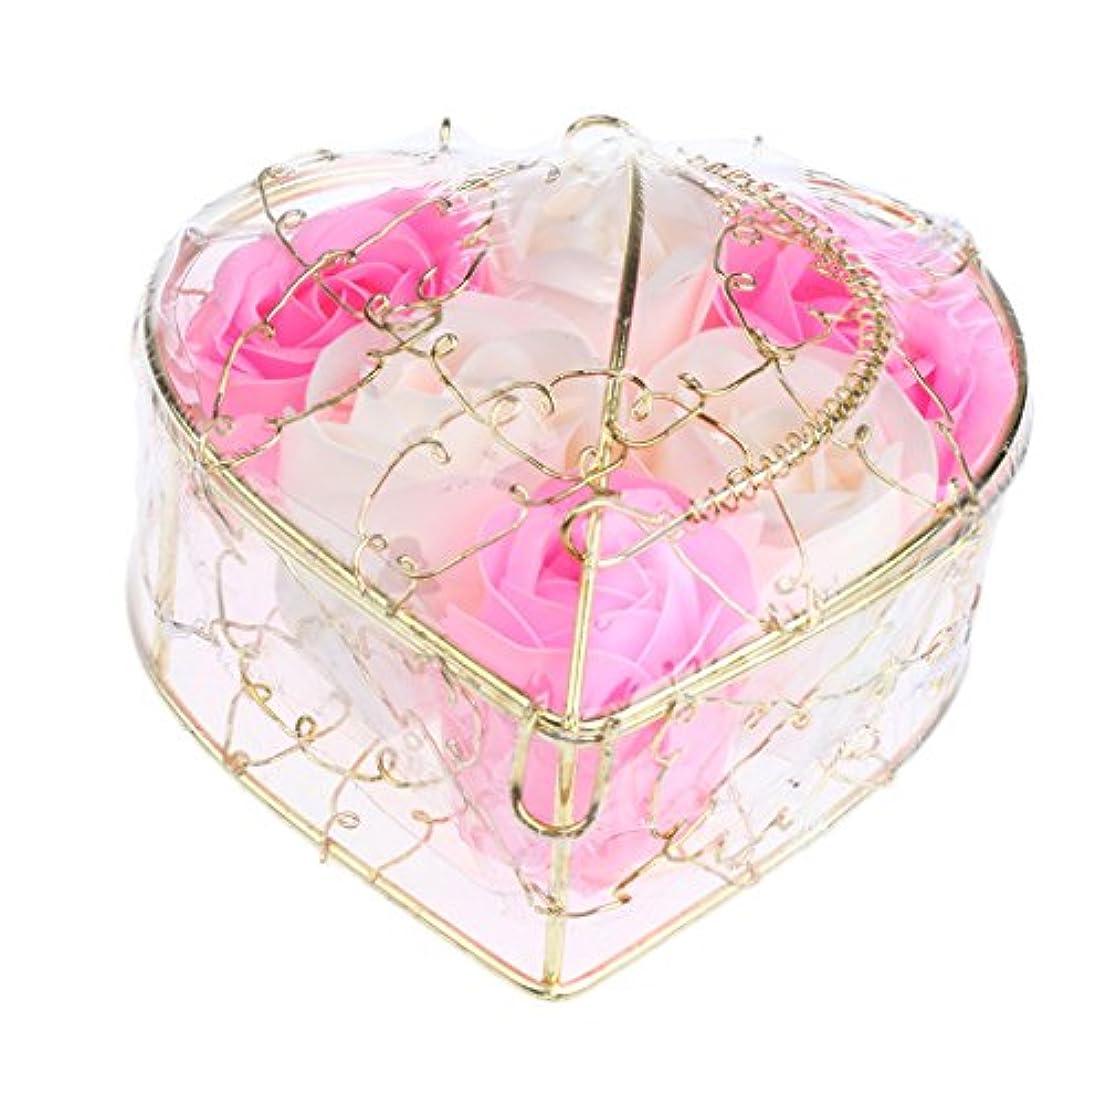 曲何トレイルIPOTCH 6個 ソープフラワー 石鹸花 造花 バラ フラワー ギフトボックス 誕生日 母の日 記念日 先生の日 プレゼント 全5仕様選べる - ピンクとホワイト